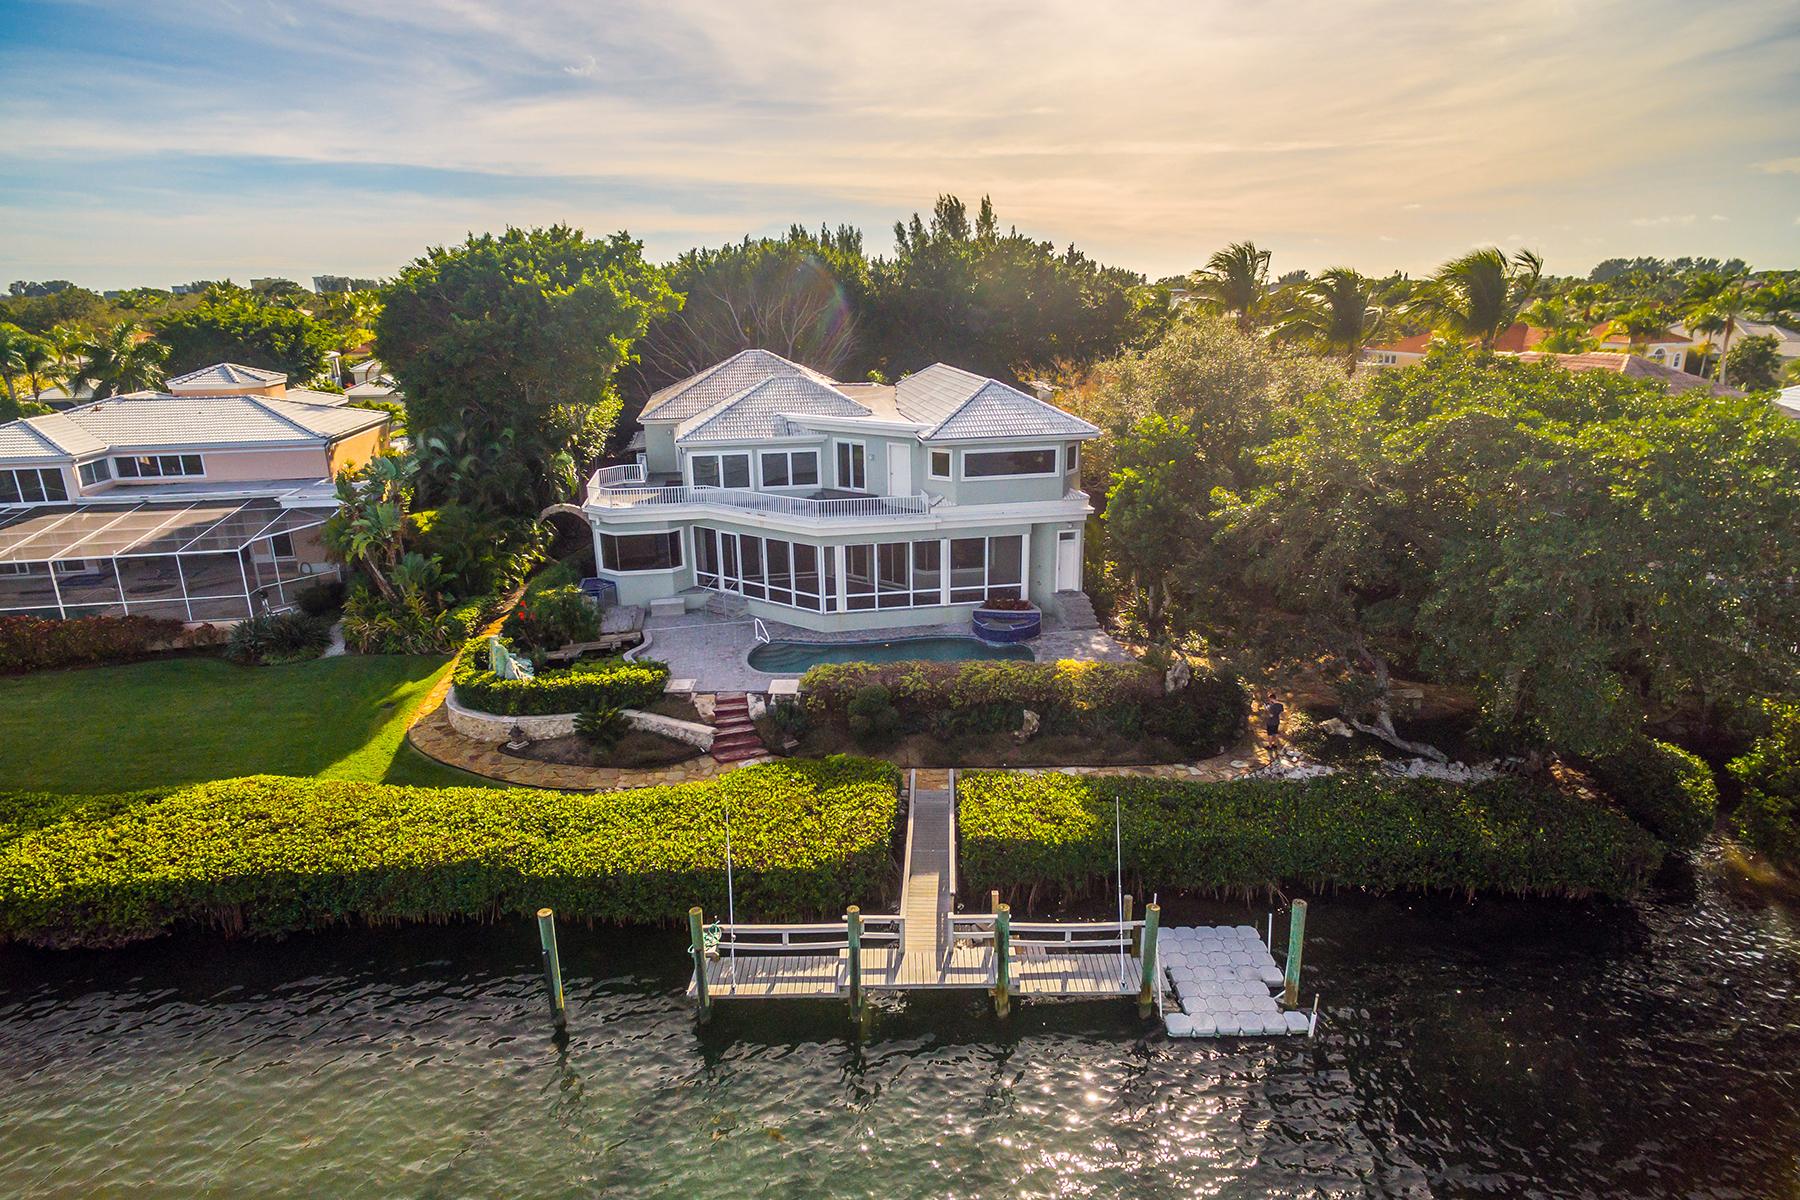 Maison unifamiliale pour l Vente à COREYS LANDING 3590 Mistletoe Ln Longboat Key, Florida, 34228 États-Unis